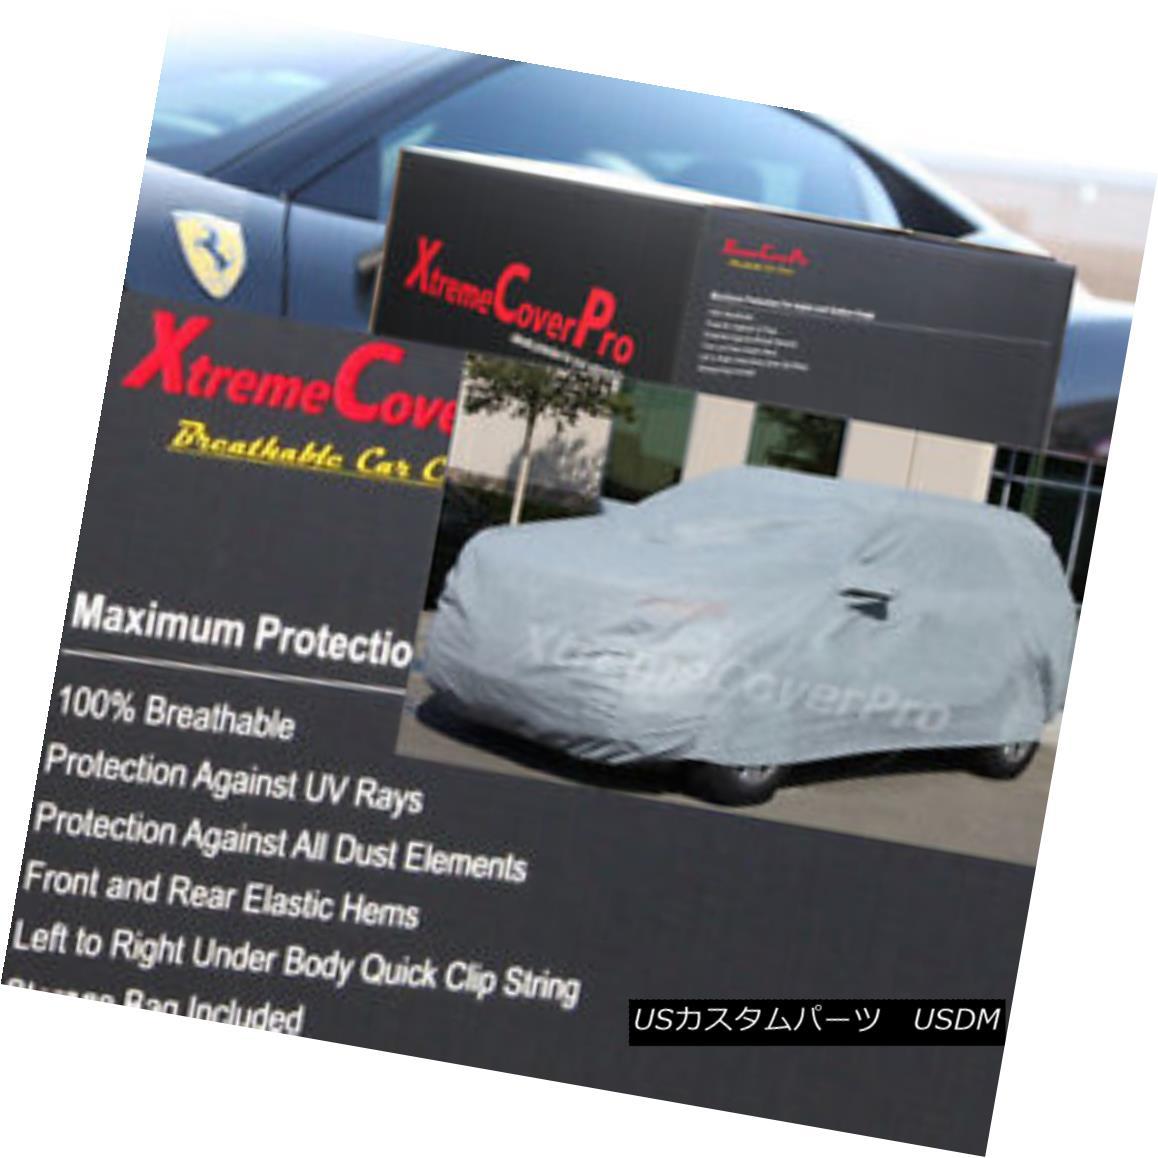 カーカバー 2009 2010 2011 2012 Honda Pilot Breathable Car Cover w/MirrorPocket 2009年2009年2011年2012 Hondaパイロット通気性車カバー付きMirrorPocket